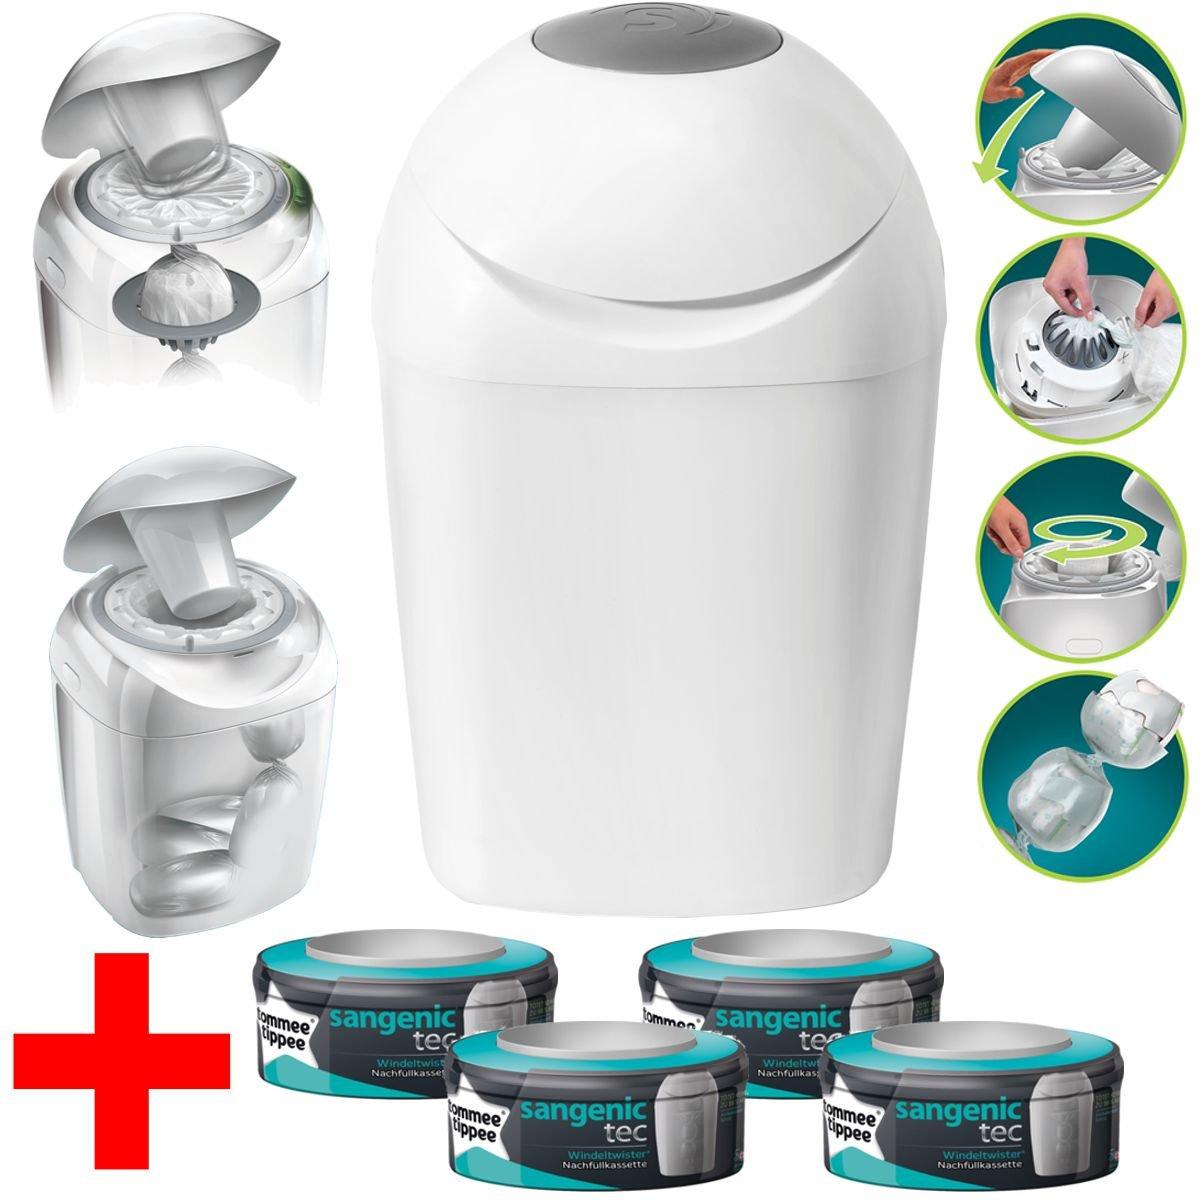 Modèles Sagenic Tec MK4Hygiène Plus de confort + 4cassettes de recharge (Limited Edition) product image